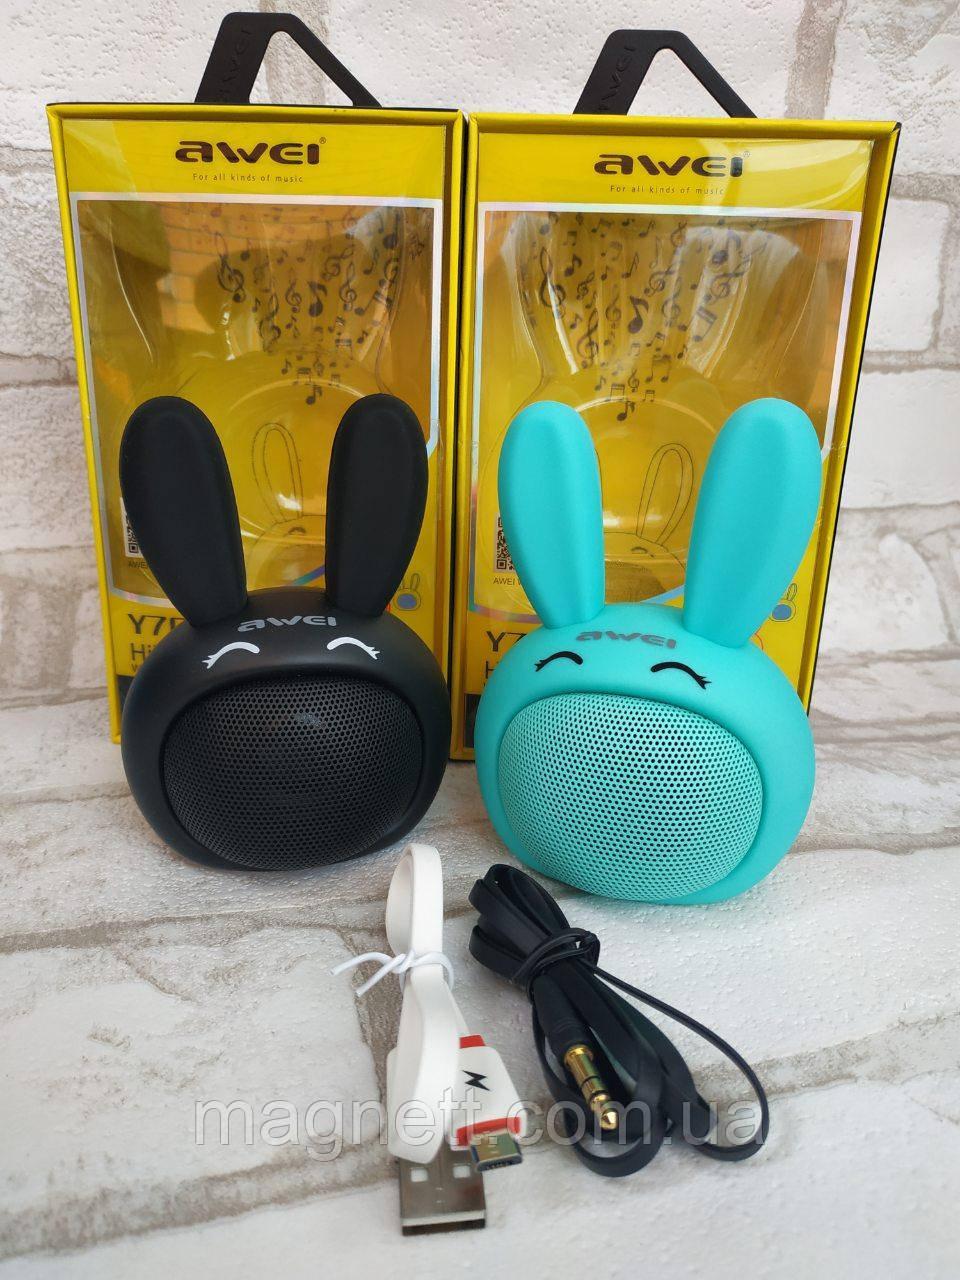 Портативная колонка AWEI Y700 1.0 3Вт Bluetooth Speaker